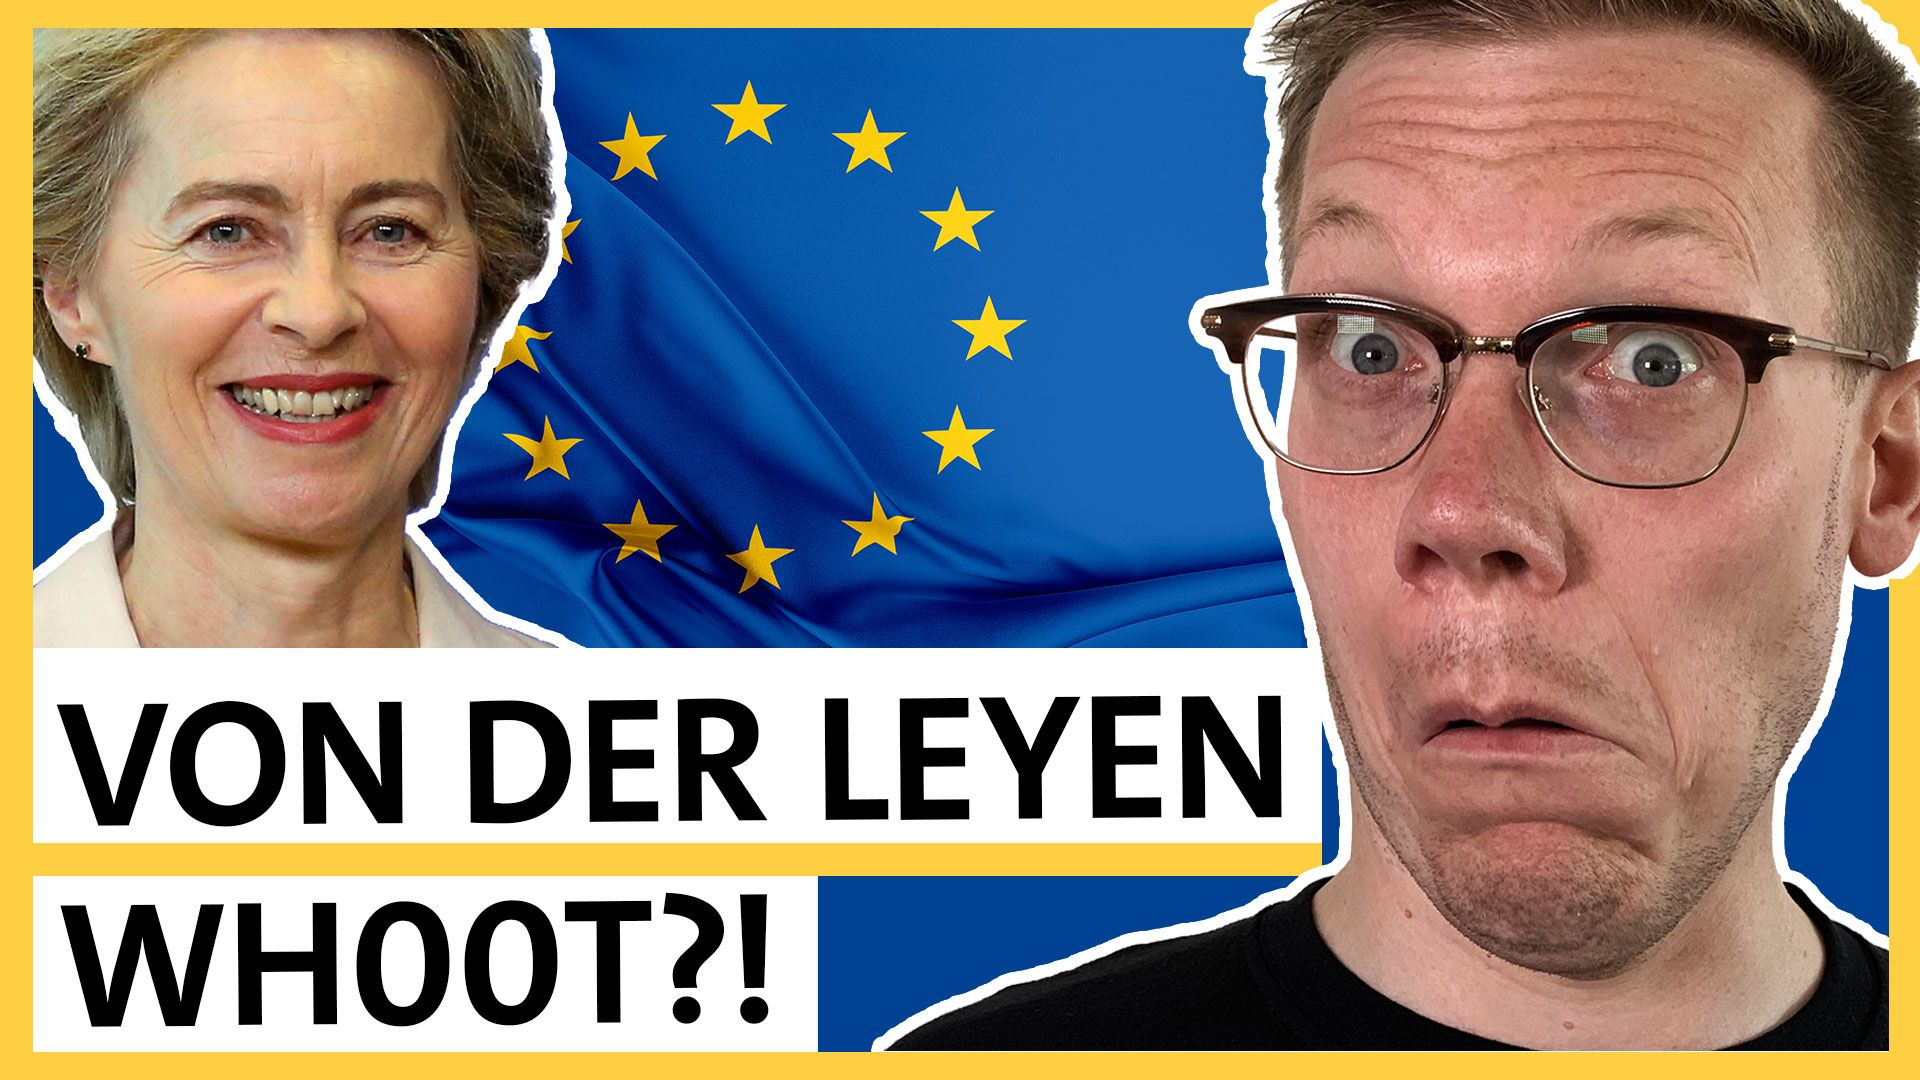 Possoch schaut verdutzt: Von der Leyen als neue EU-Kommissionschefin? Wh00t?!